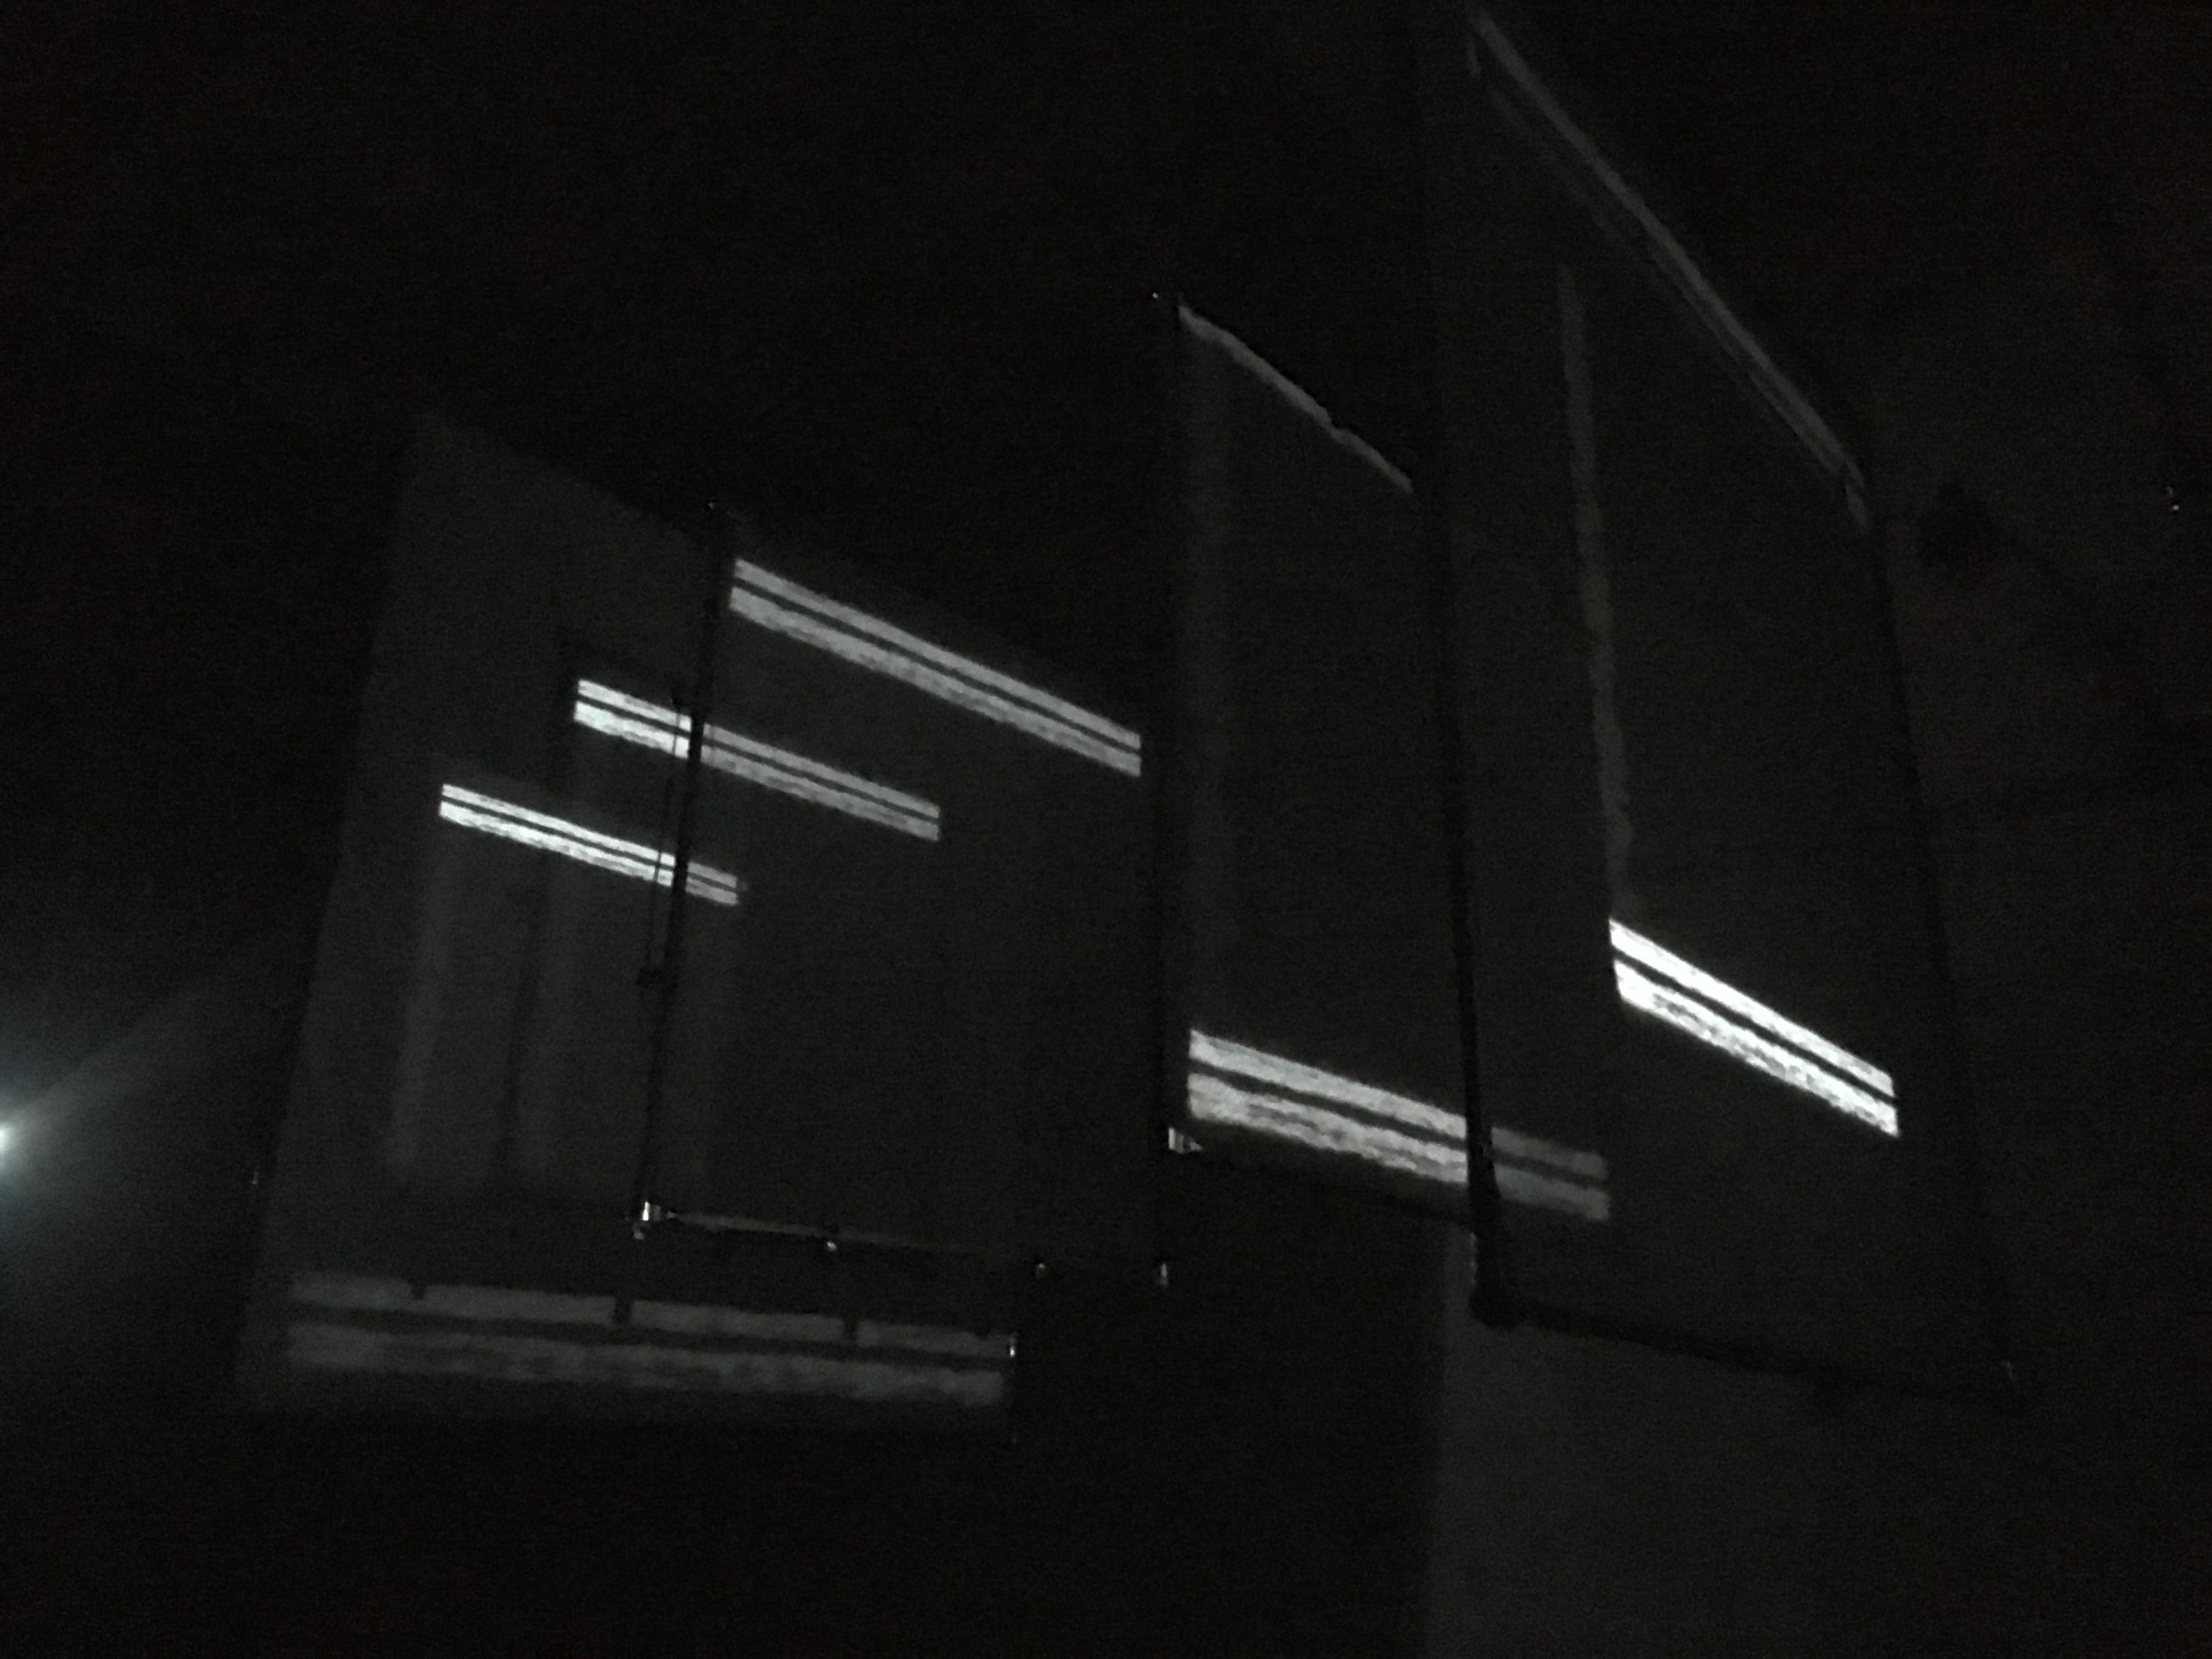 cyfest_exb_Tonoptik_Leuchtkraft_4